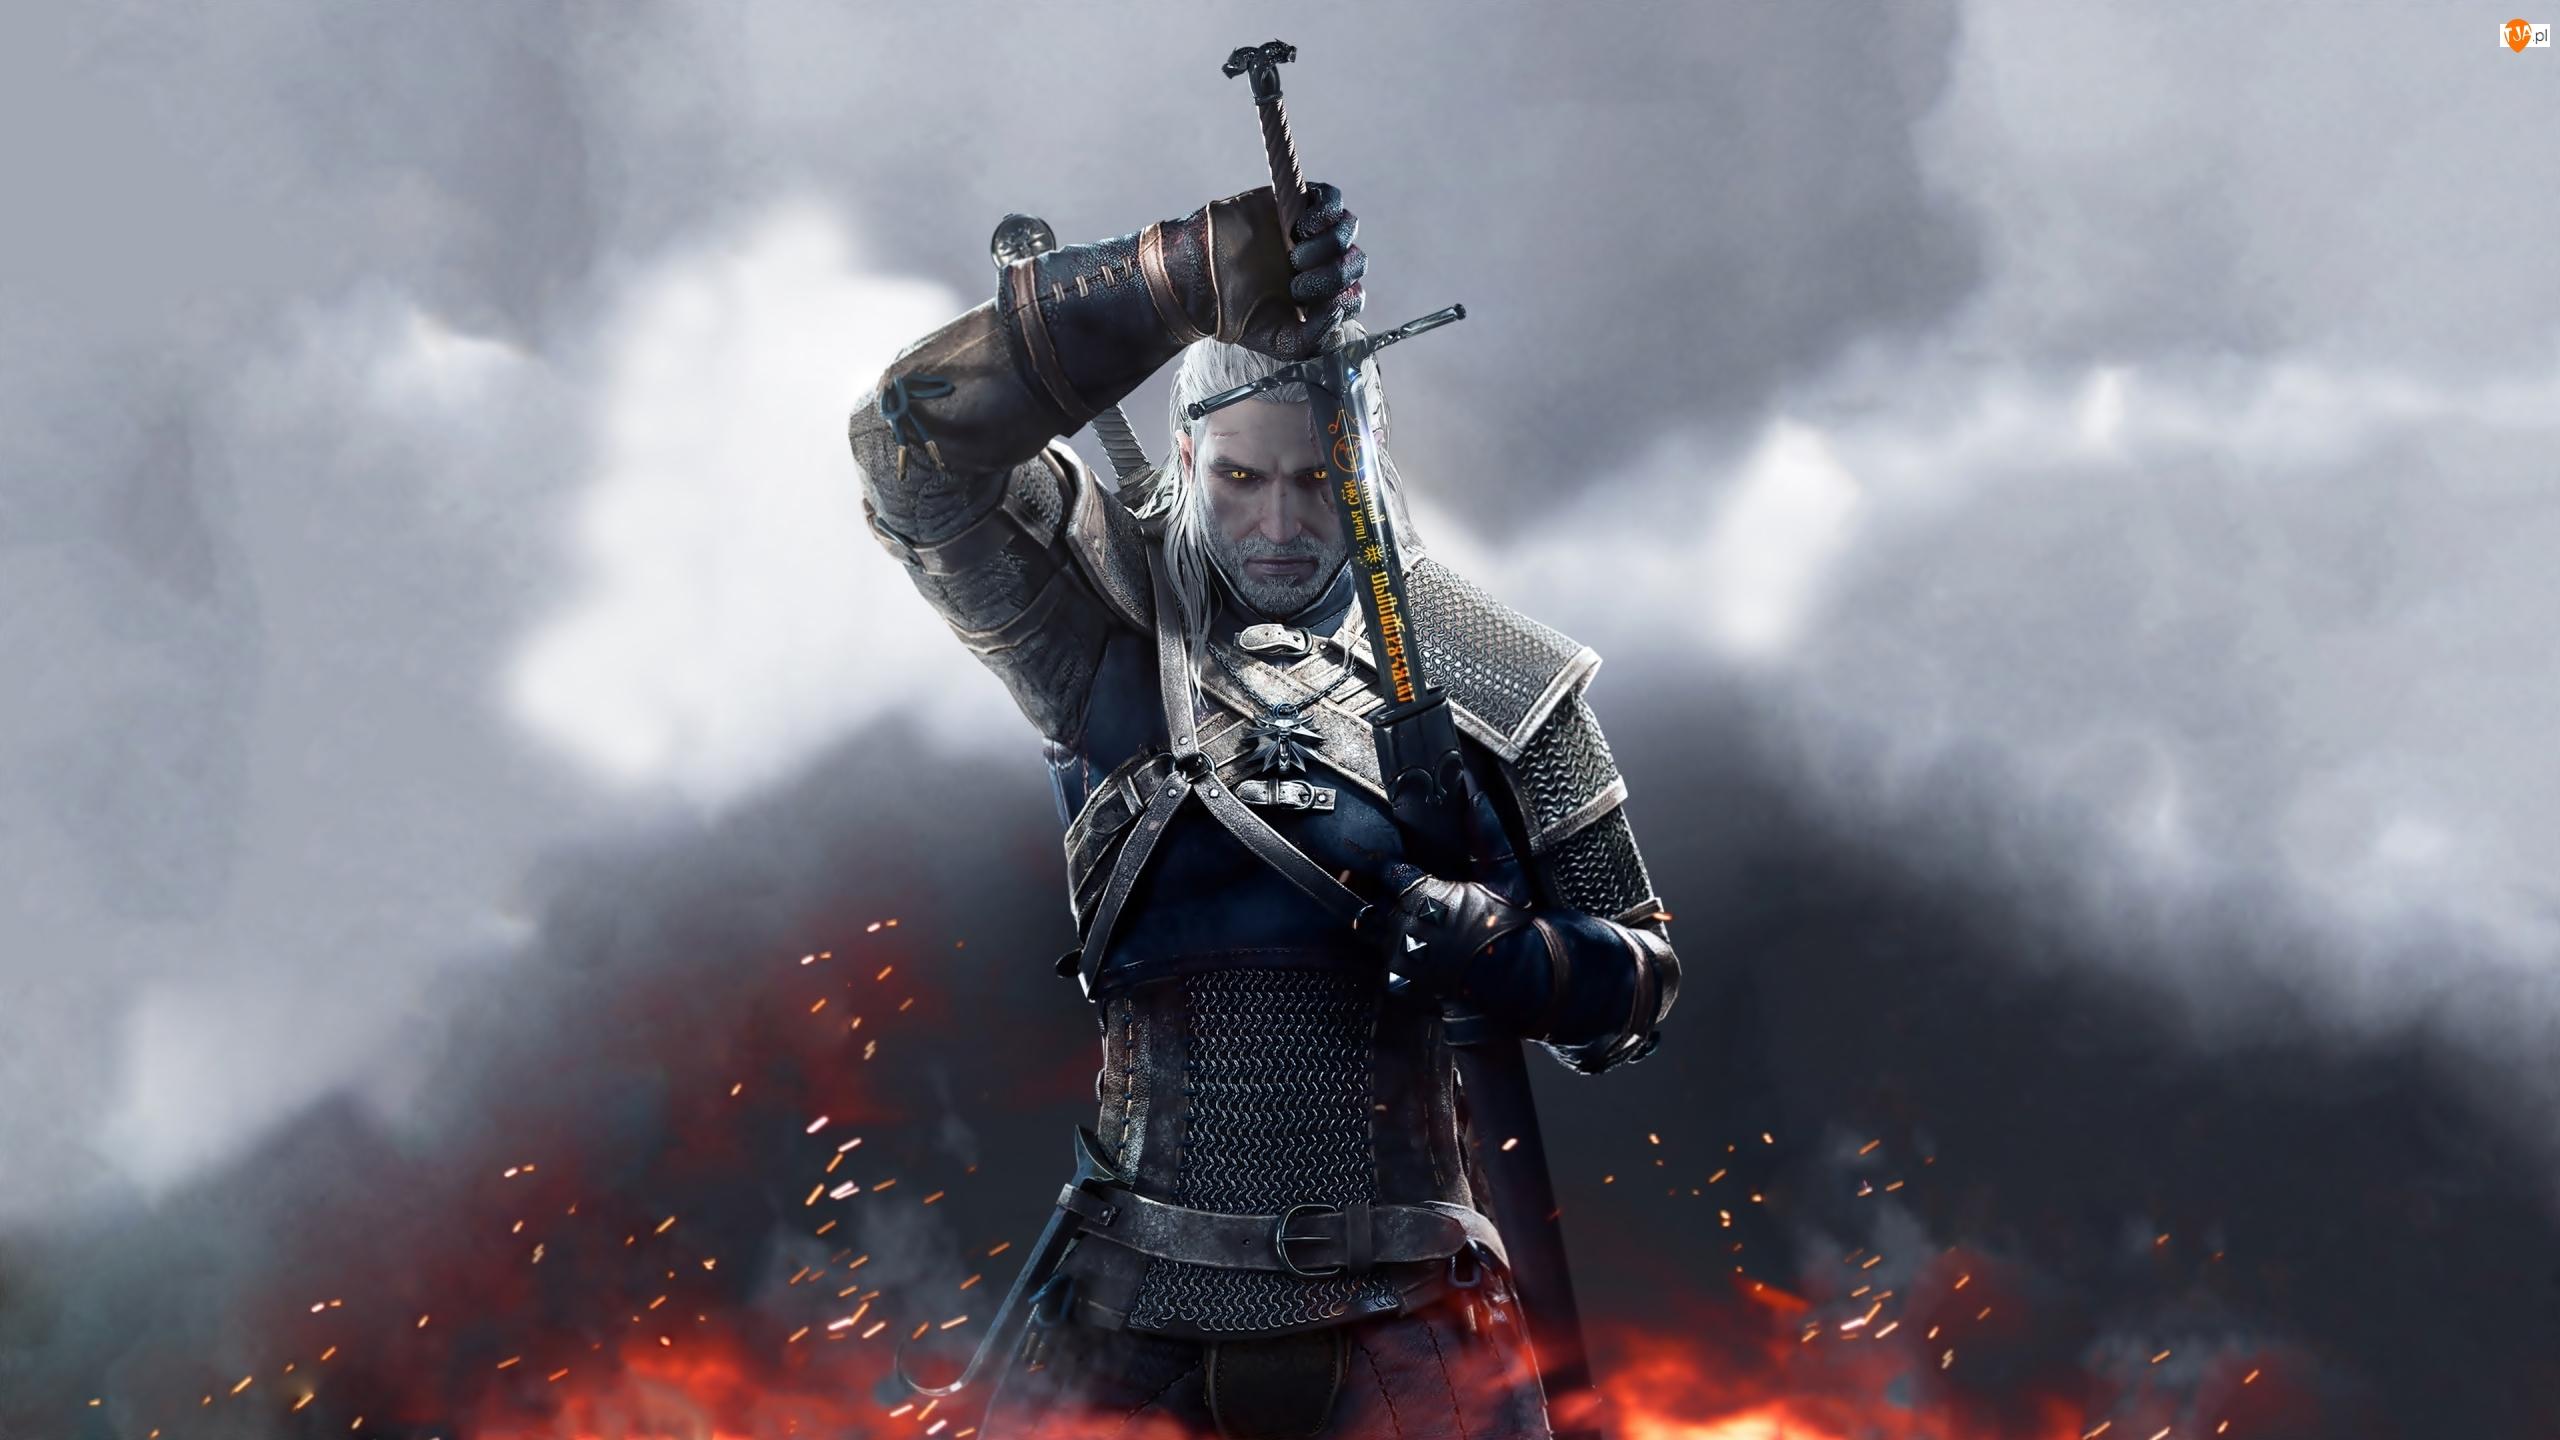 Gra, Wiedźmin 3: Dziki Gon, Miecz, Geralt